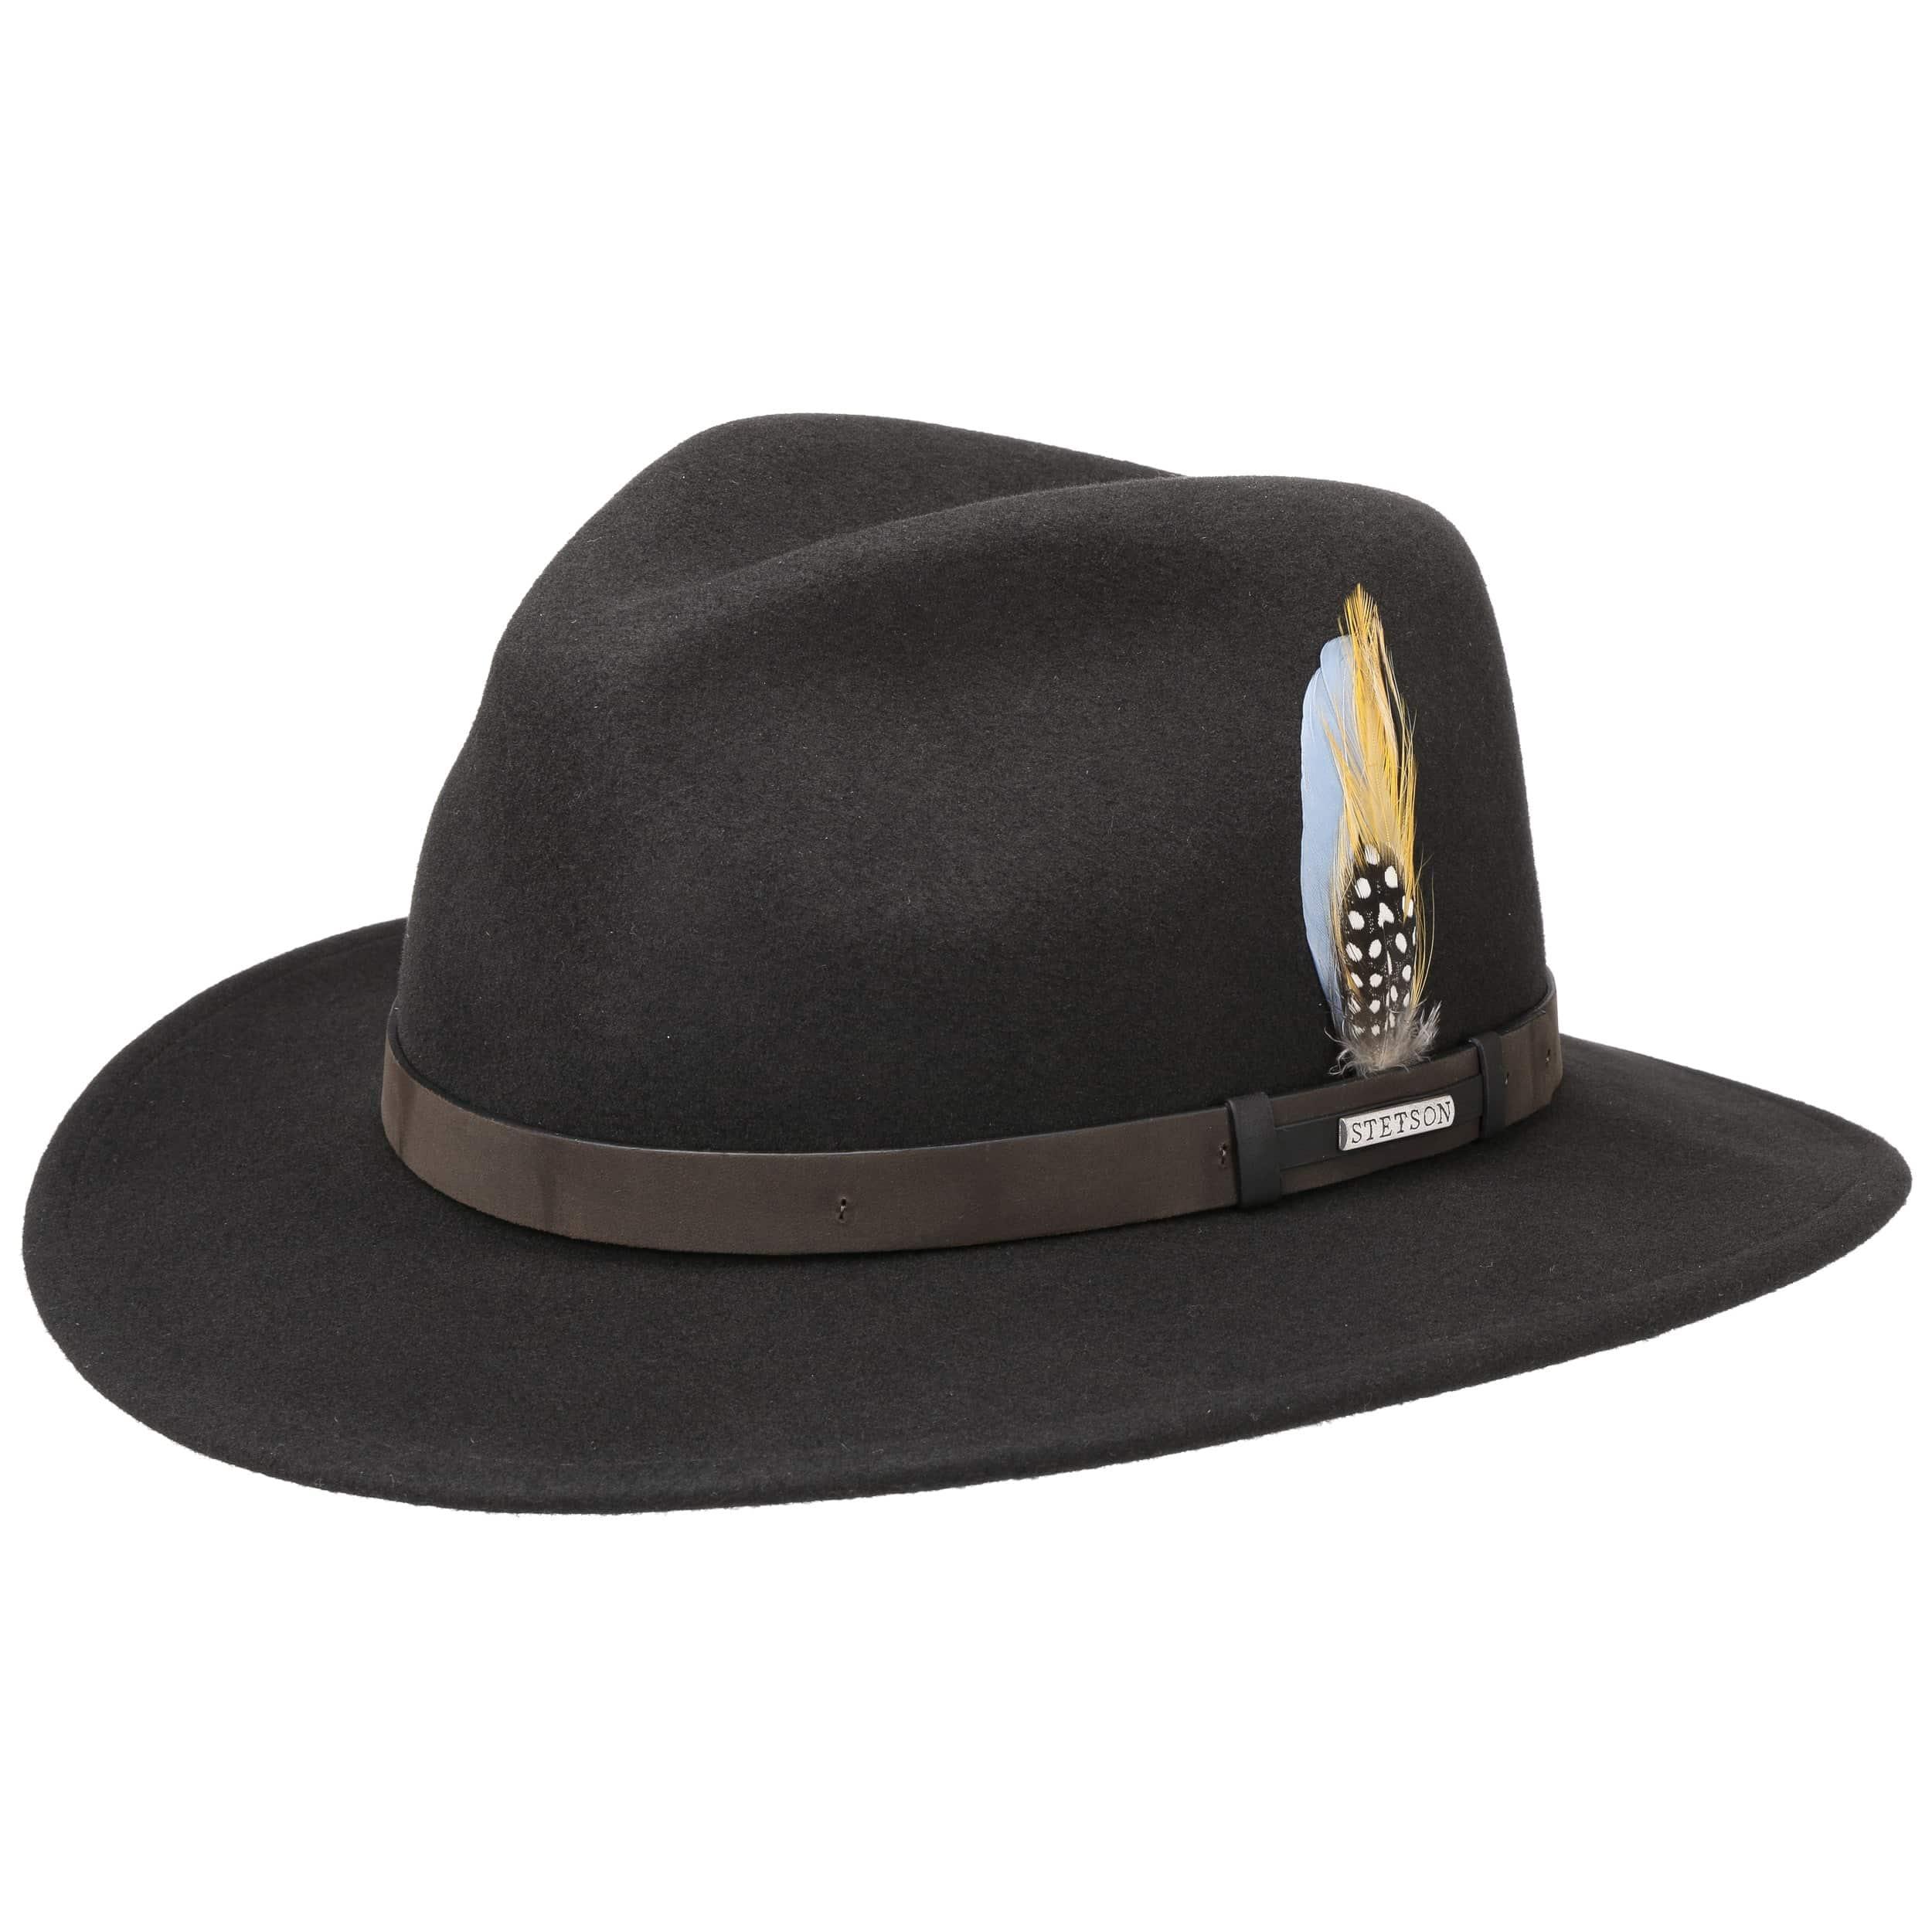 ... Sombrero VitaFelt Sardis by Stetson - marrón oscuro 4 ... c64236ff1905